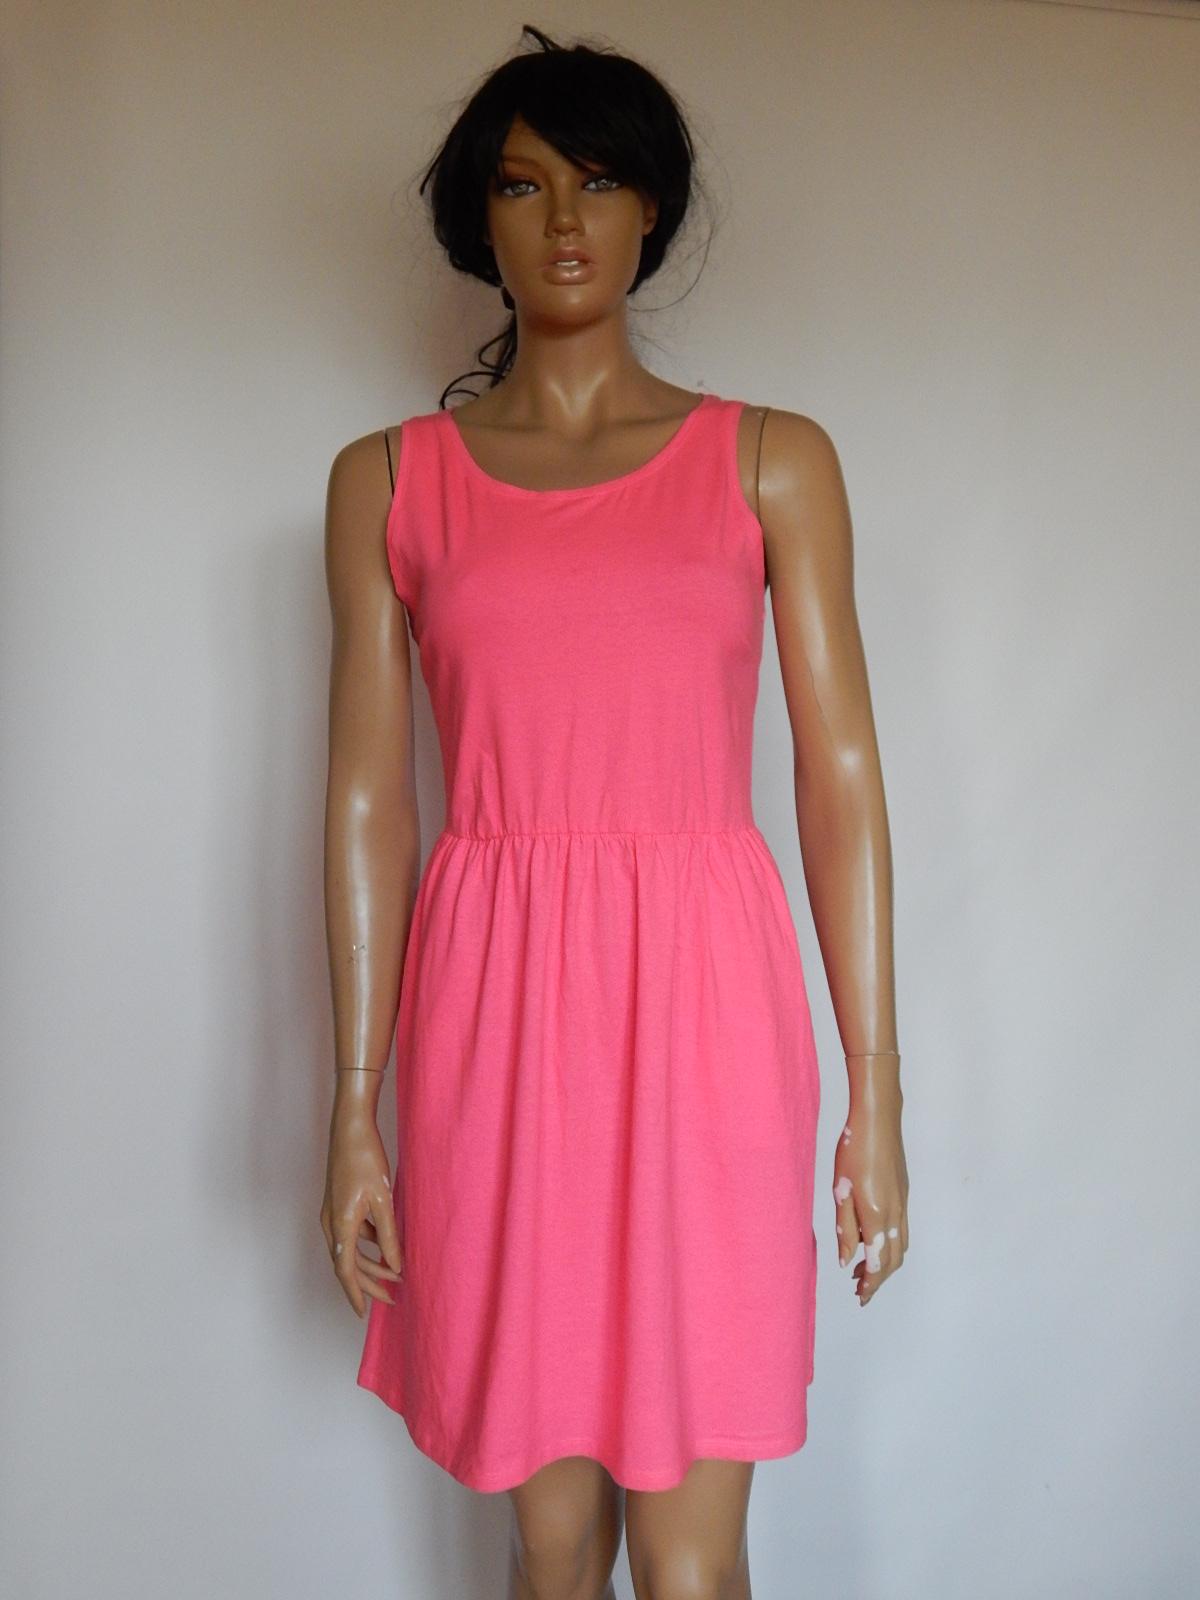 01956a6dd0 H M bawełniana sukienka neonowy róż ZIP 40 - 7348957361 - oficjalne ...